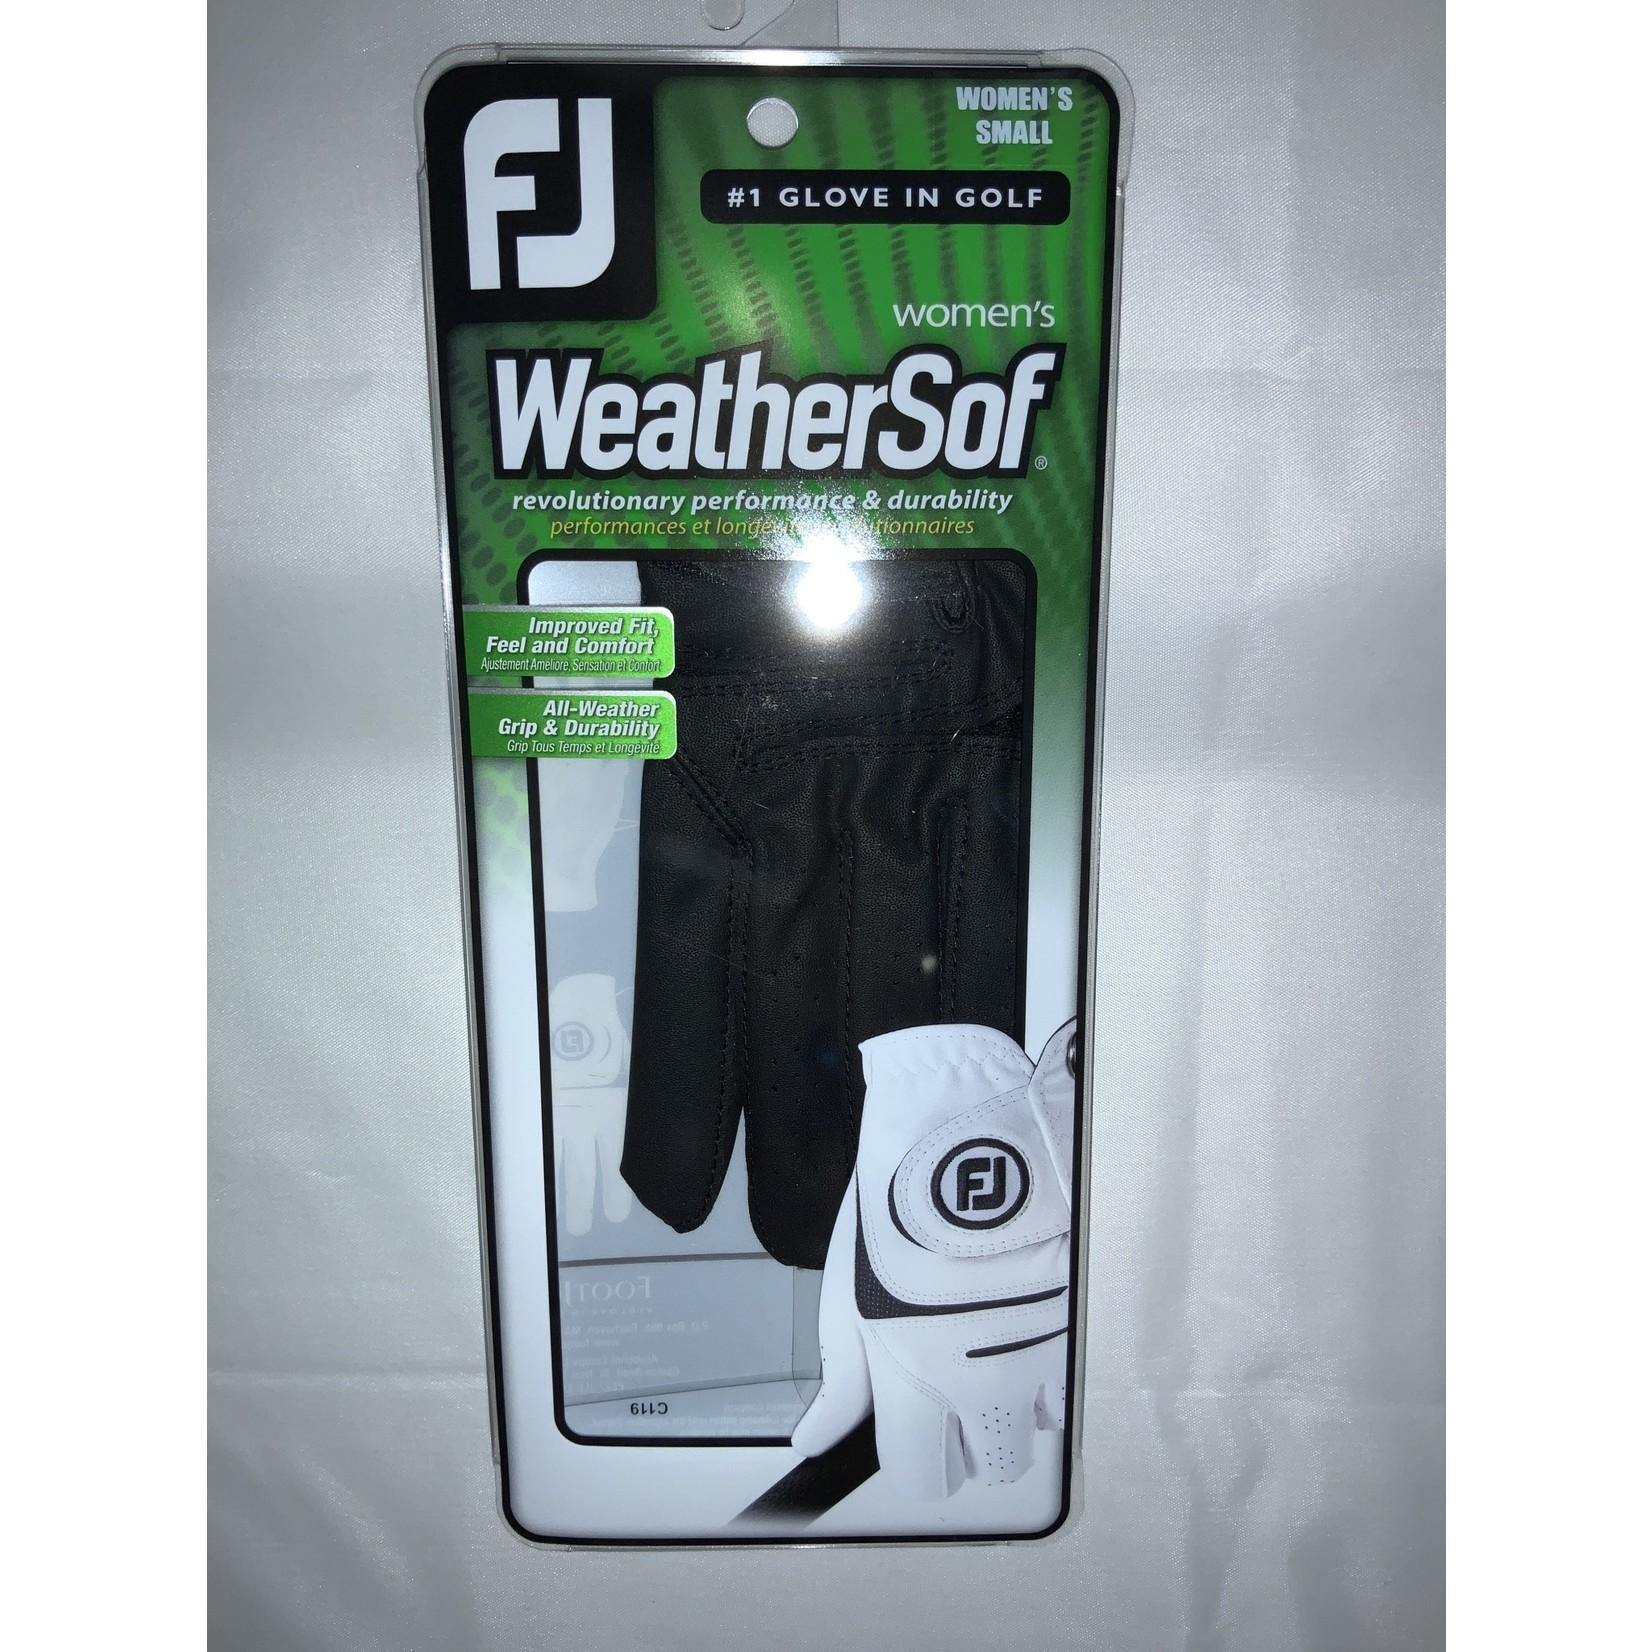 Footjoy FootJoy Weathersof Ladies (left hand)